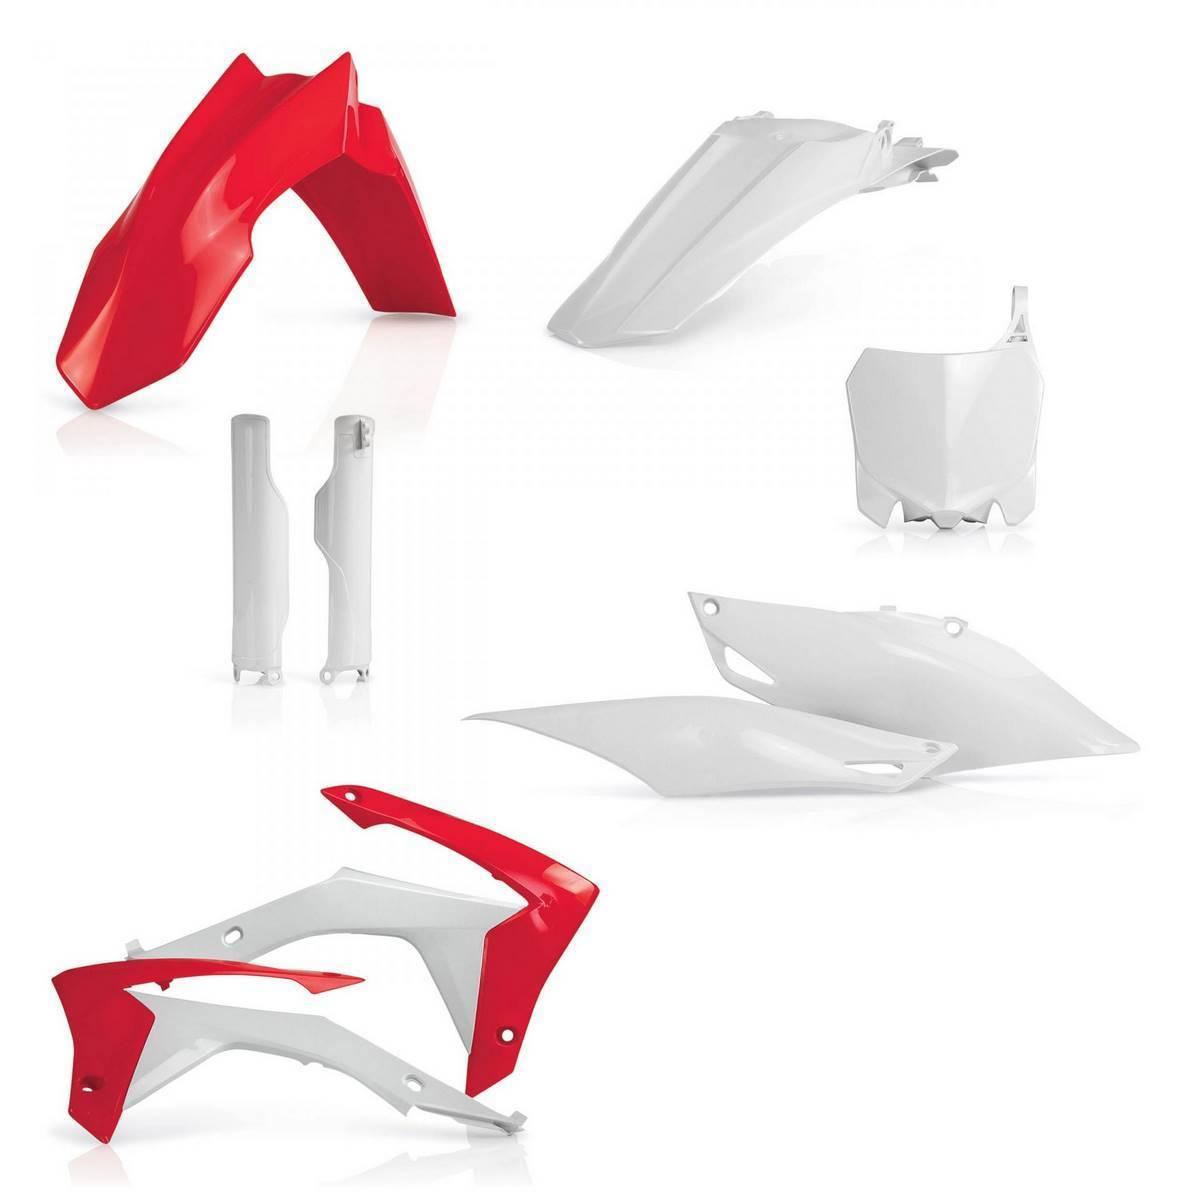 0016900-553 - Full Kit Plasticos Acerbis Crf250 14 17 Crf450 13 16 Origen